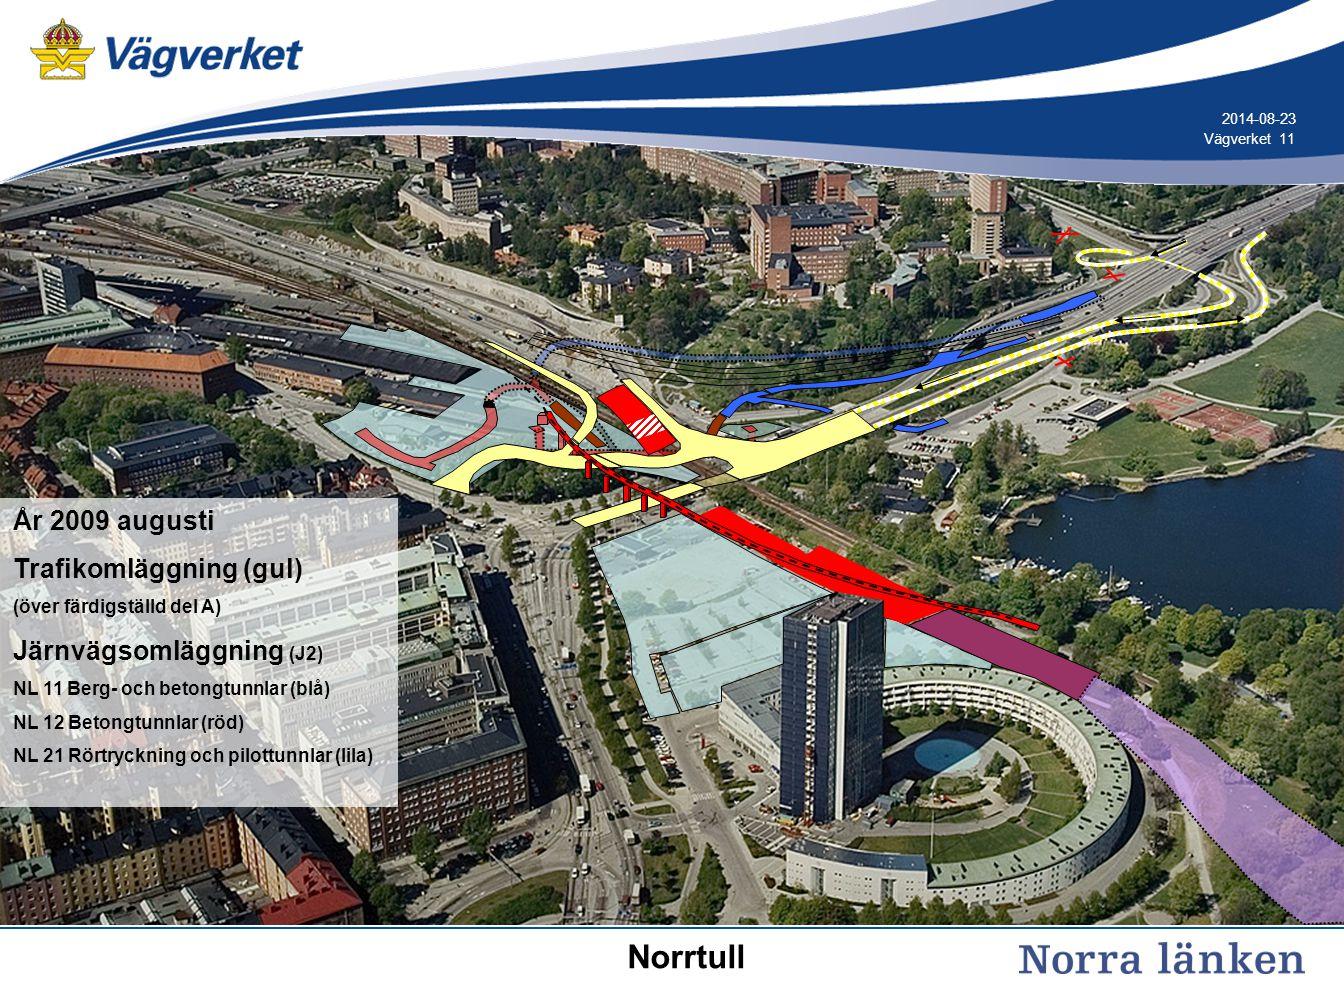 11 Vägverket 2014-08-23 År 2009 augusti Trafikomläggning (gul) (över färdigställd del A) Järnvägsomläggning (J2) NL 11 Berg- och betongtunnlar (blå) N